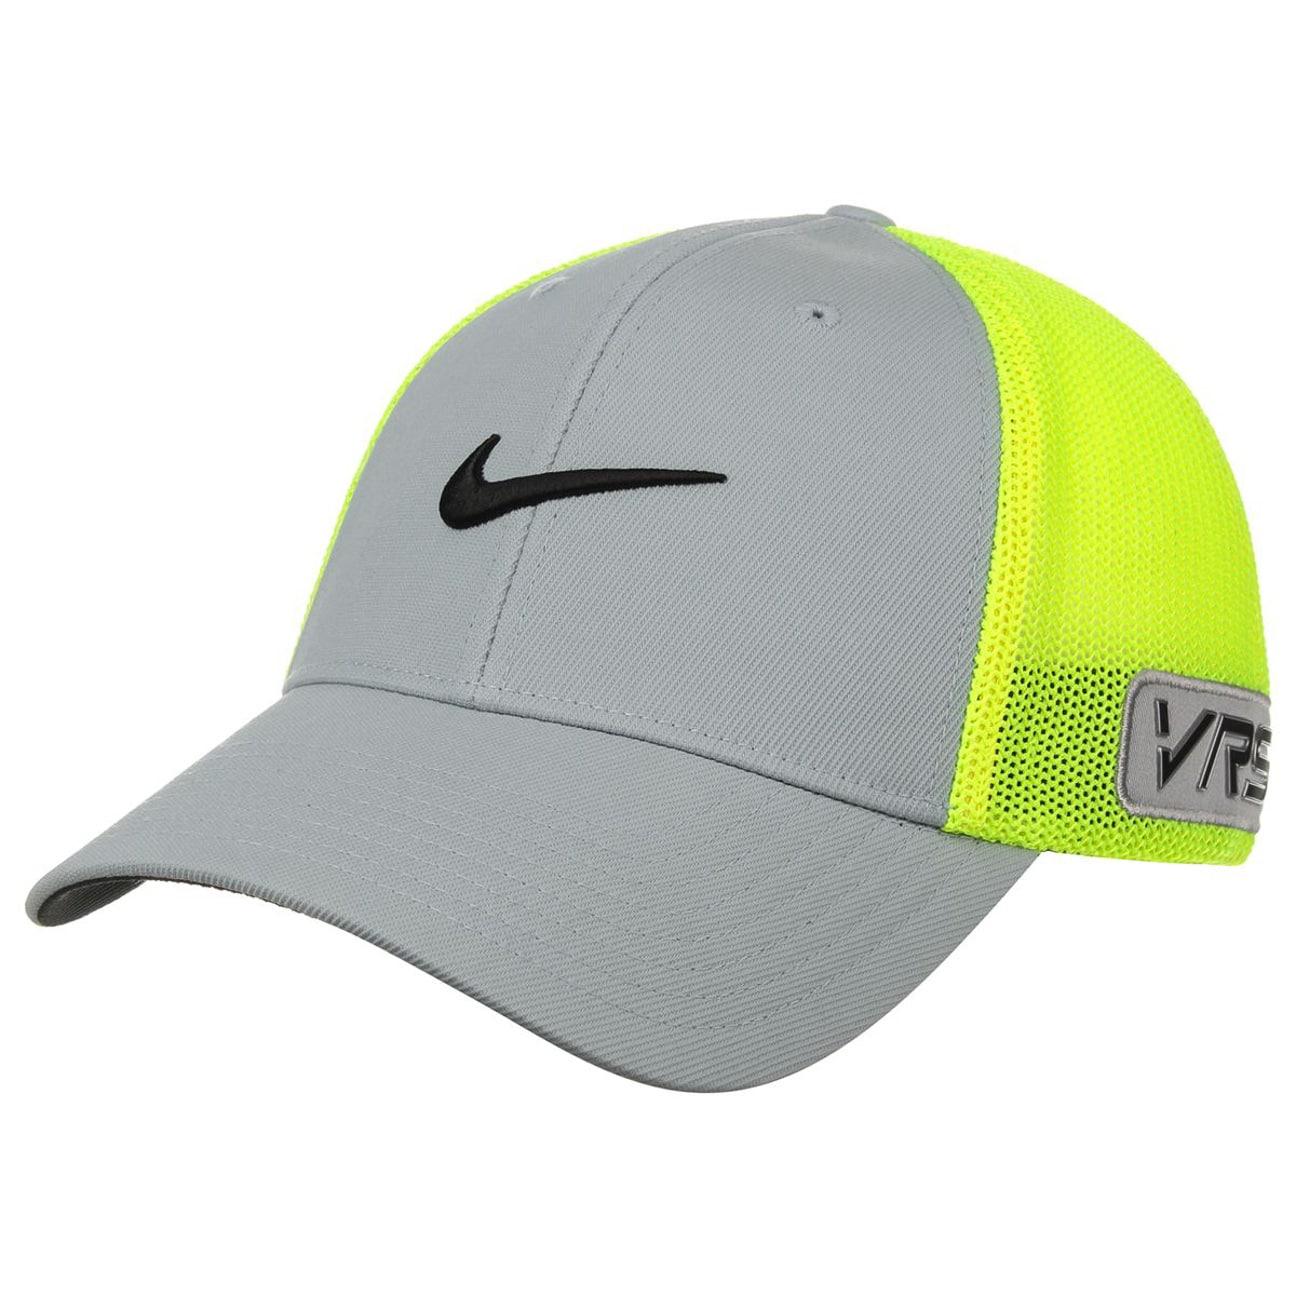 e1ba8a8685b688 ... New Tour Flexfit Cap New Logo by Nike - black-white 1 ...